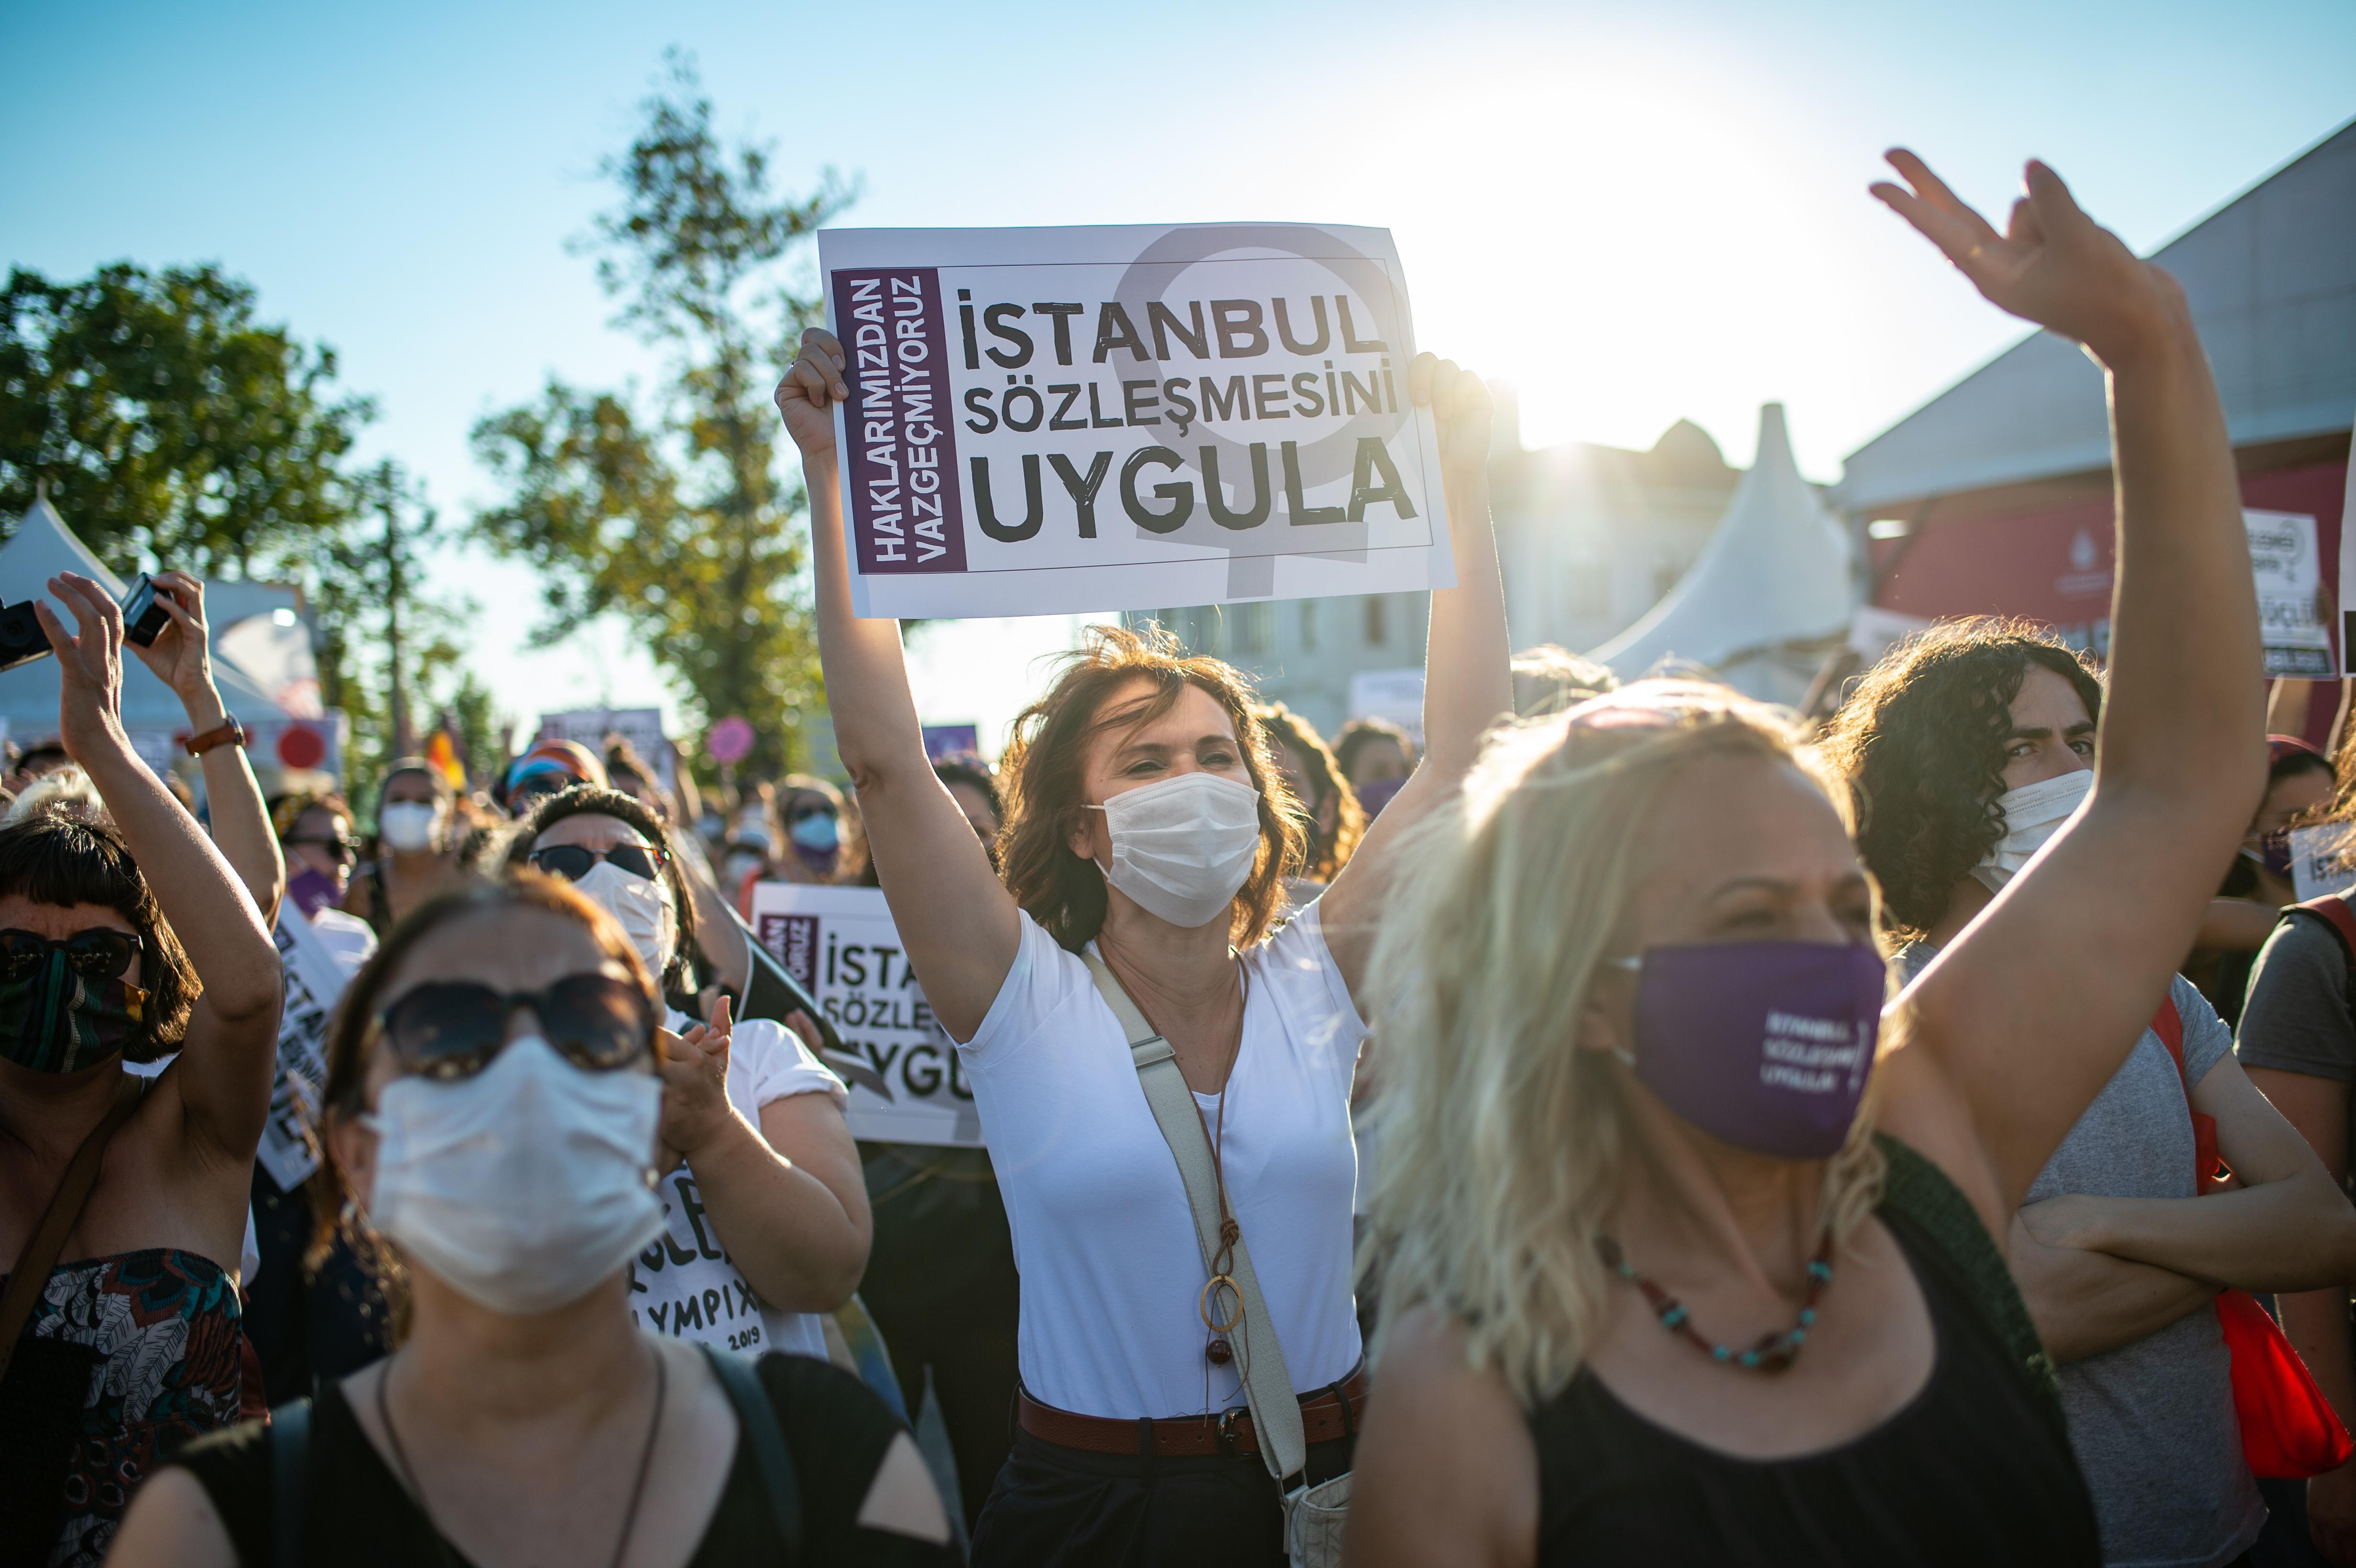 Több ezer nő tüntetett Törökországban azért, hogy a kormányuk ne lépjen ki az isztambuli egyezményből